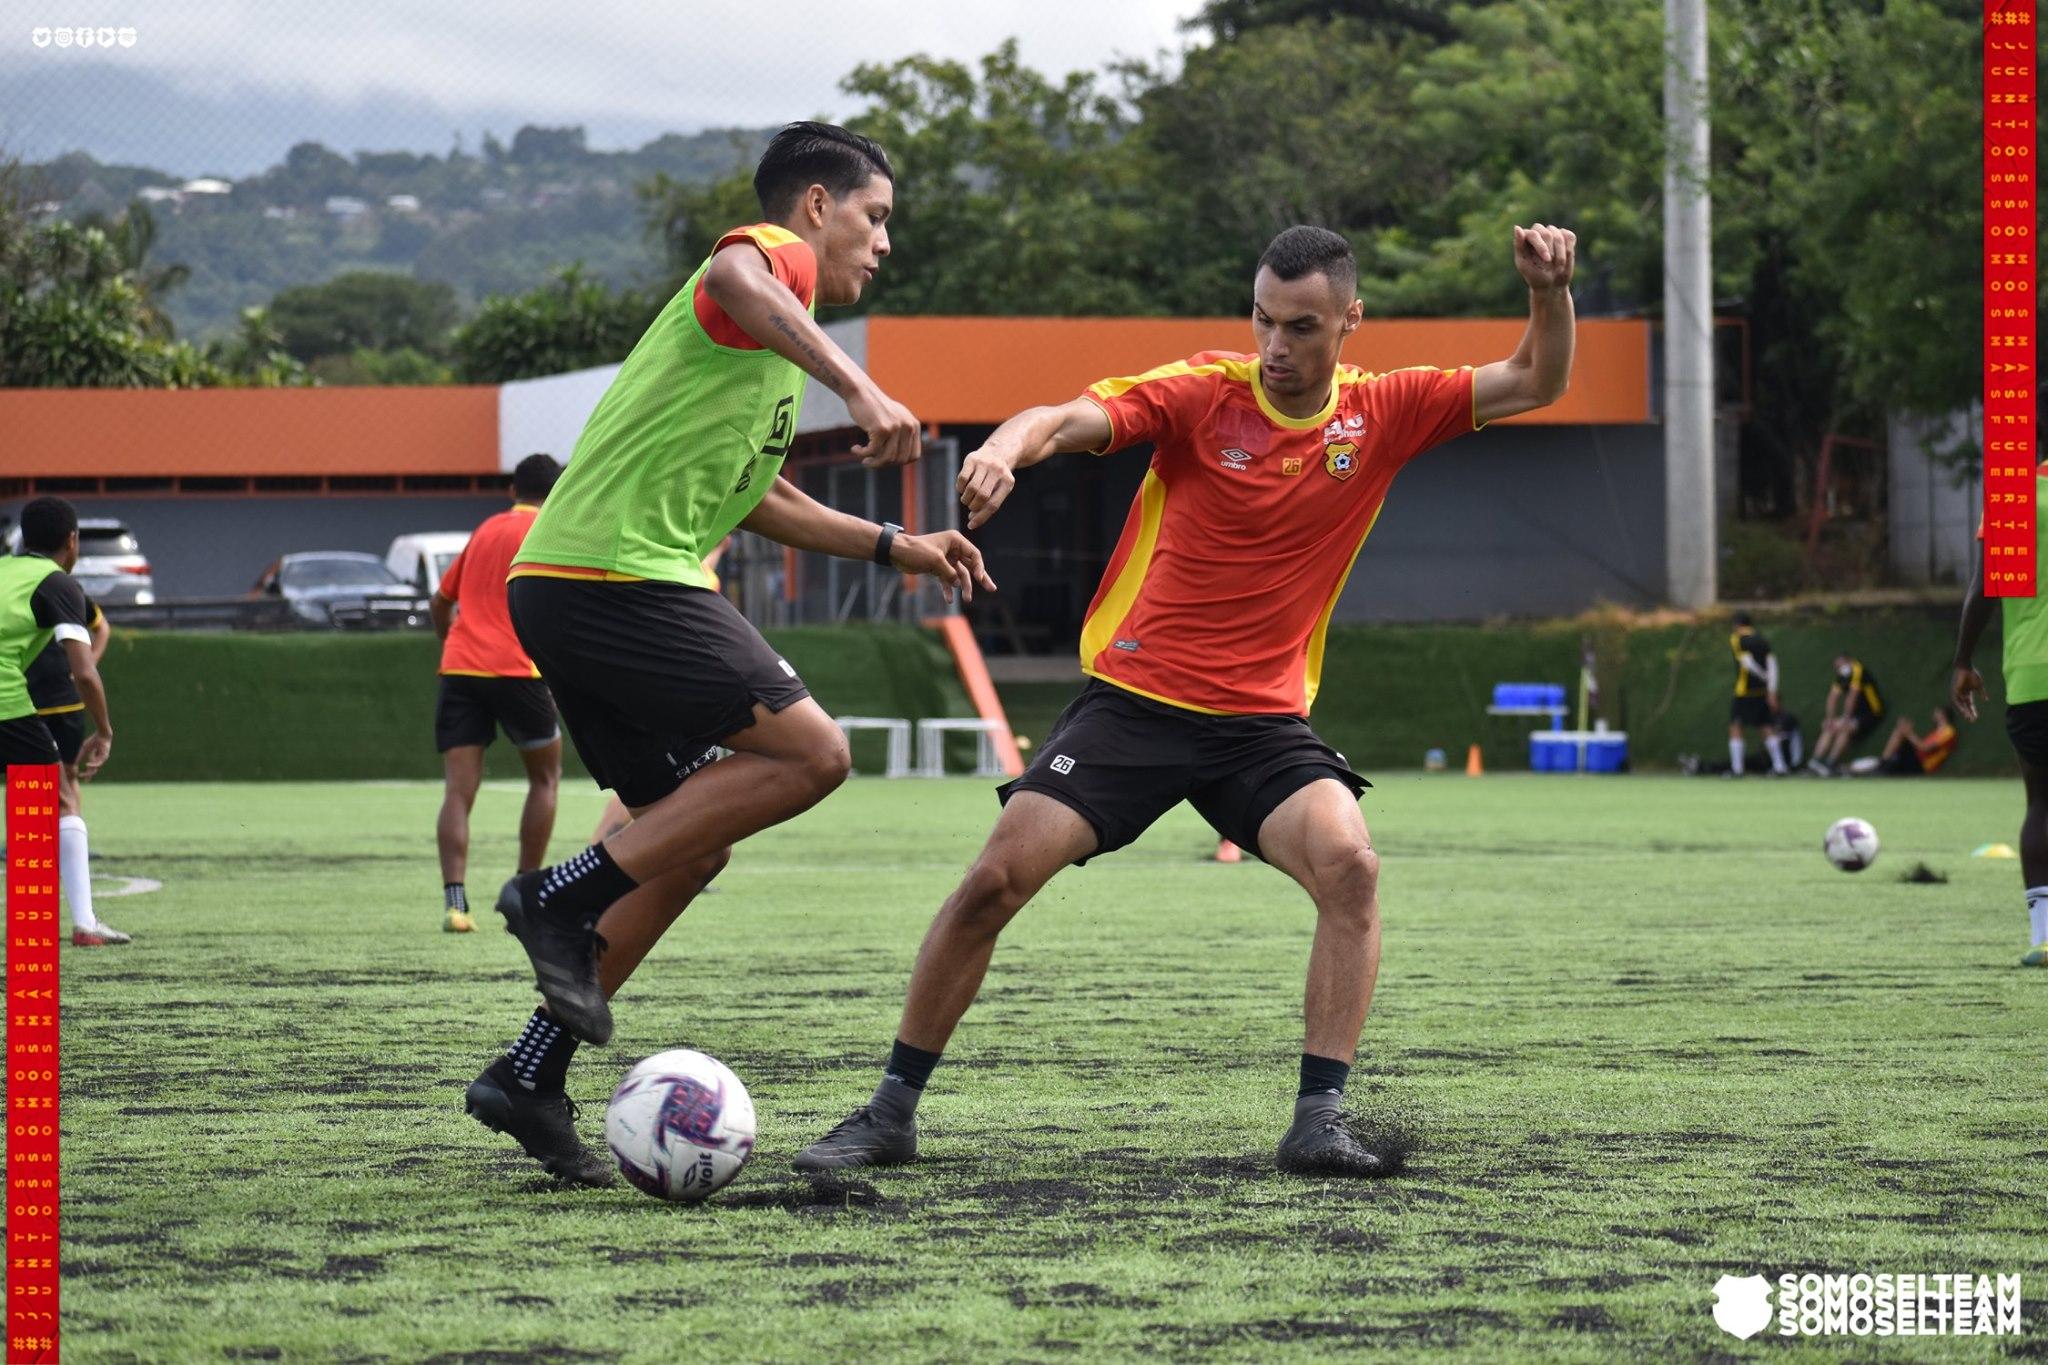 El delantero Brayan Rojas sufrió una ruptura total del ligamento cruzado anterior de su rodilla derecha así como una ruptura a nivel meniscal.